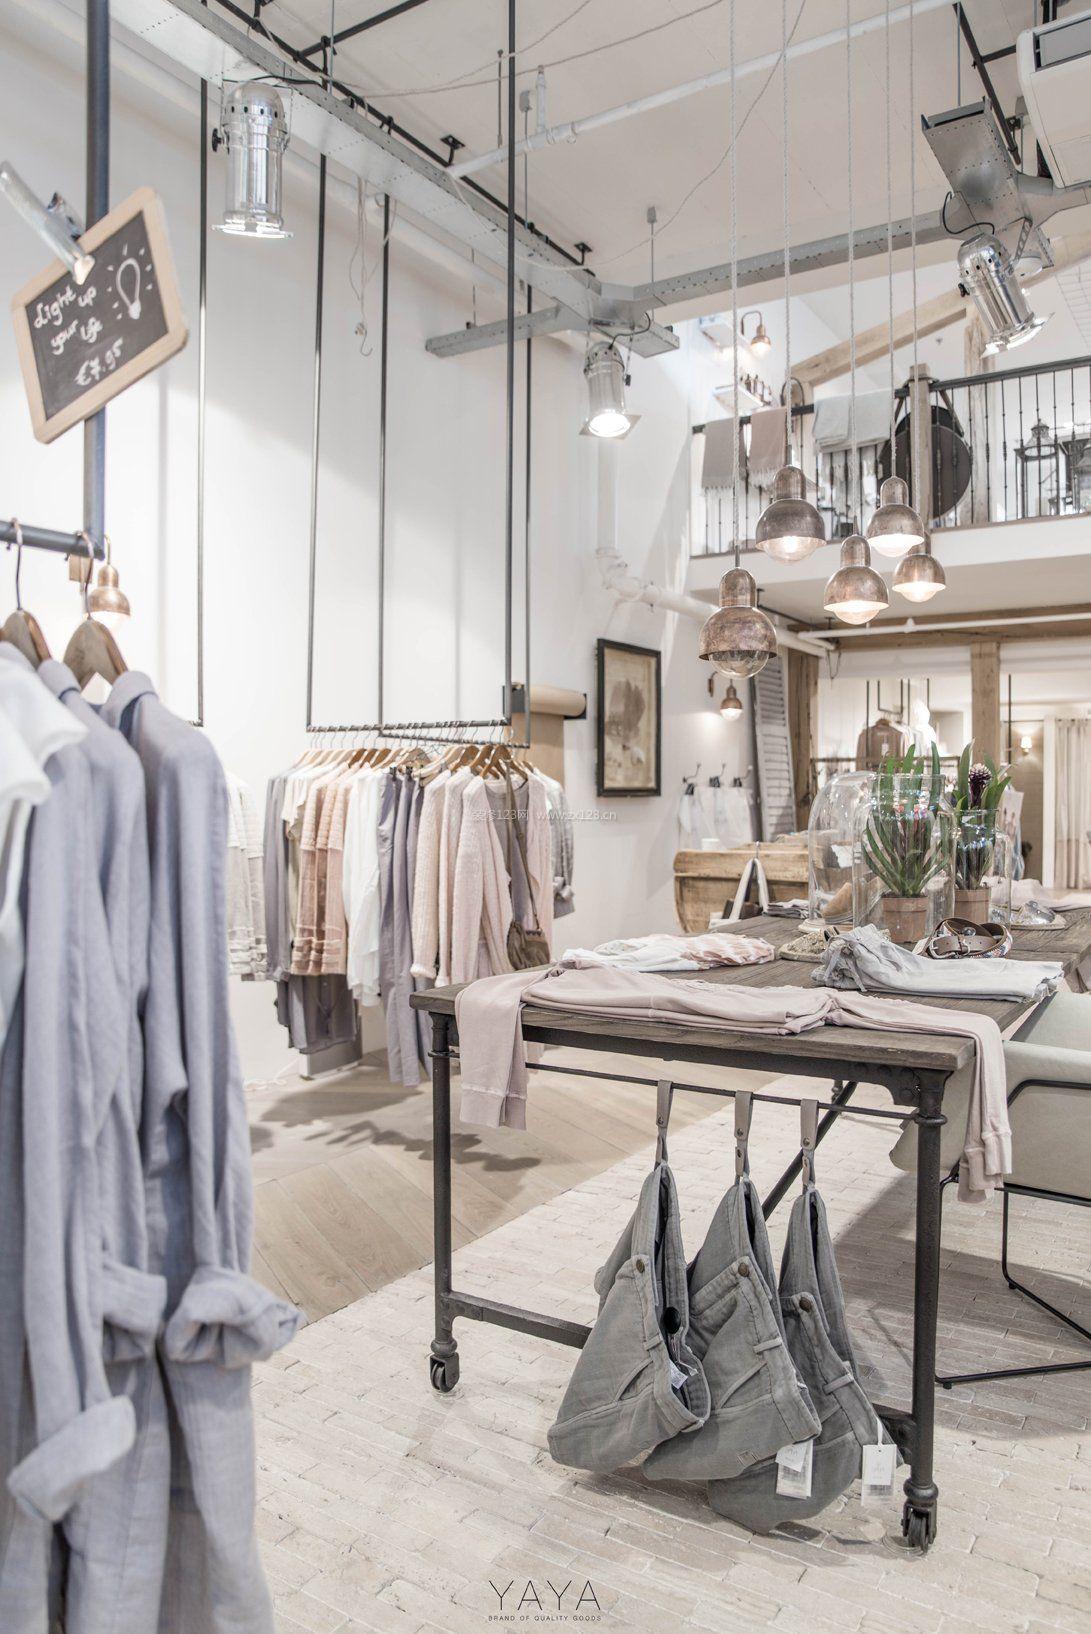 韩国服装店装修设计图_小型衣服店装修图